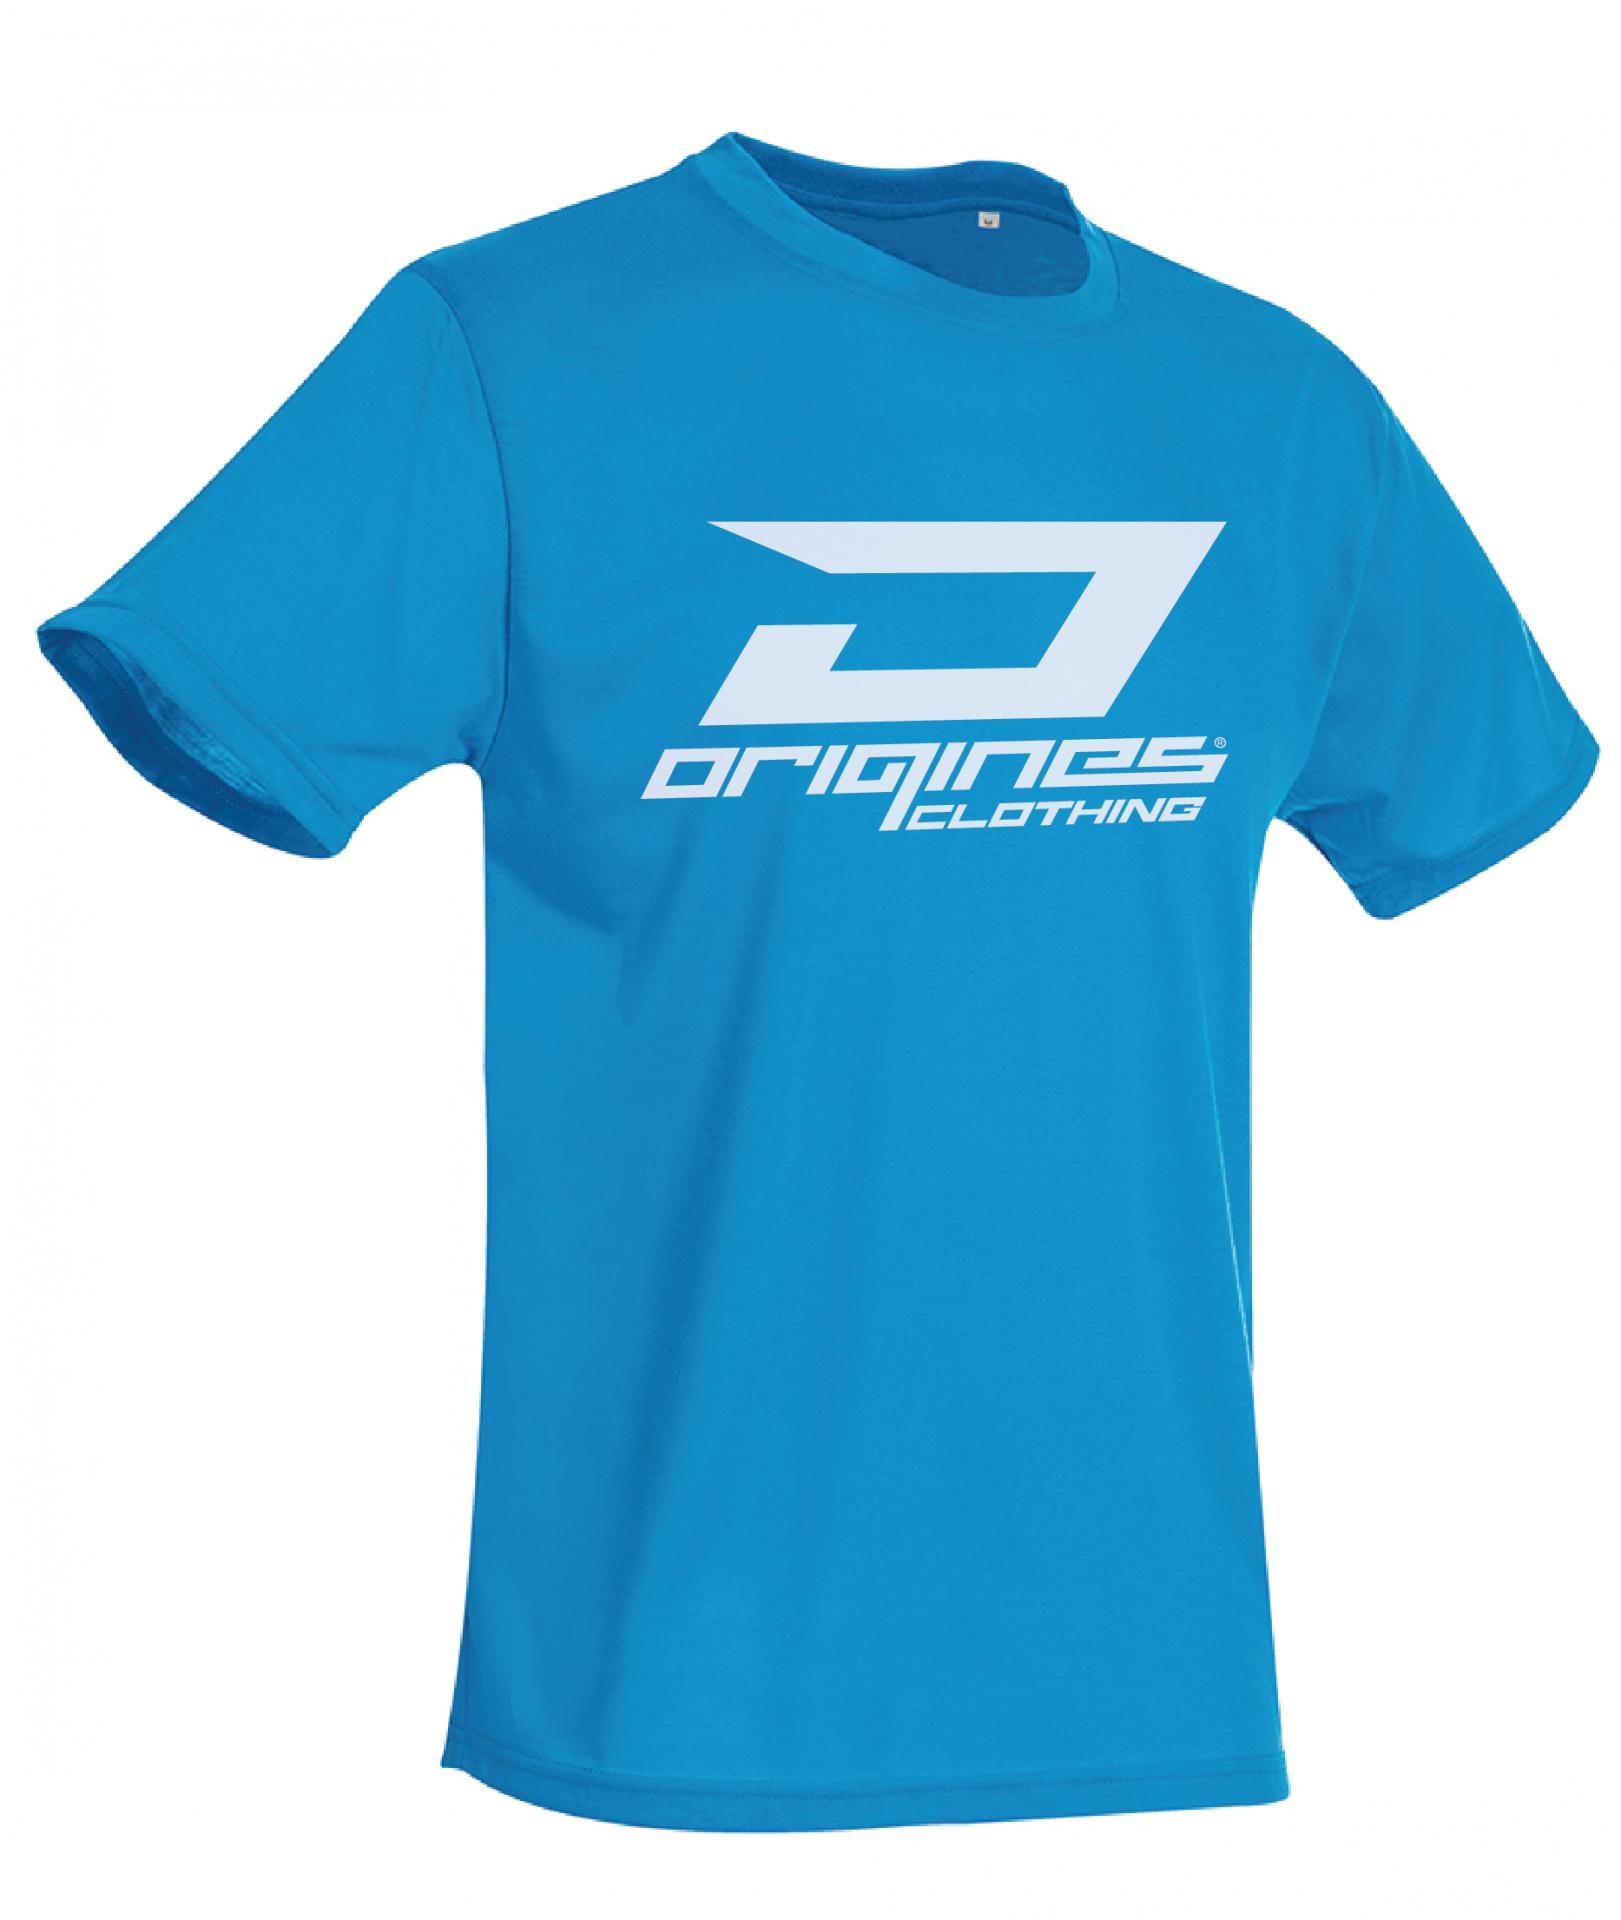 T shirt 2014 logo bleu